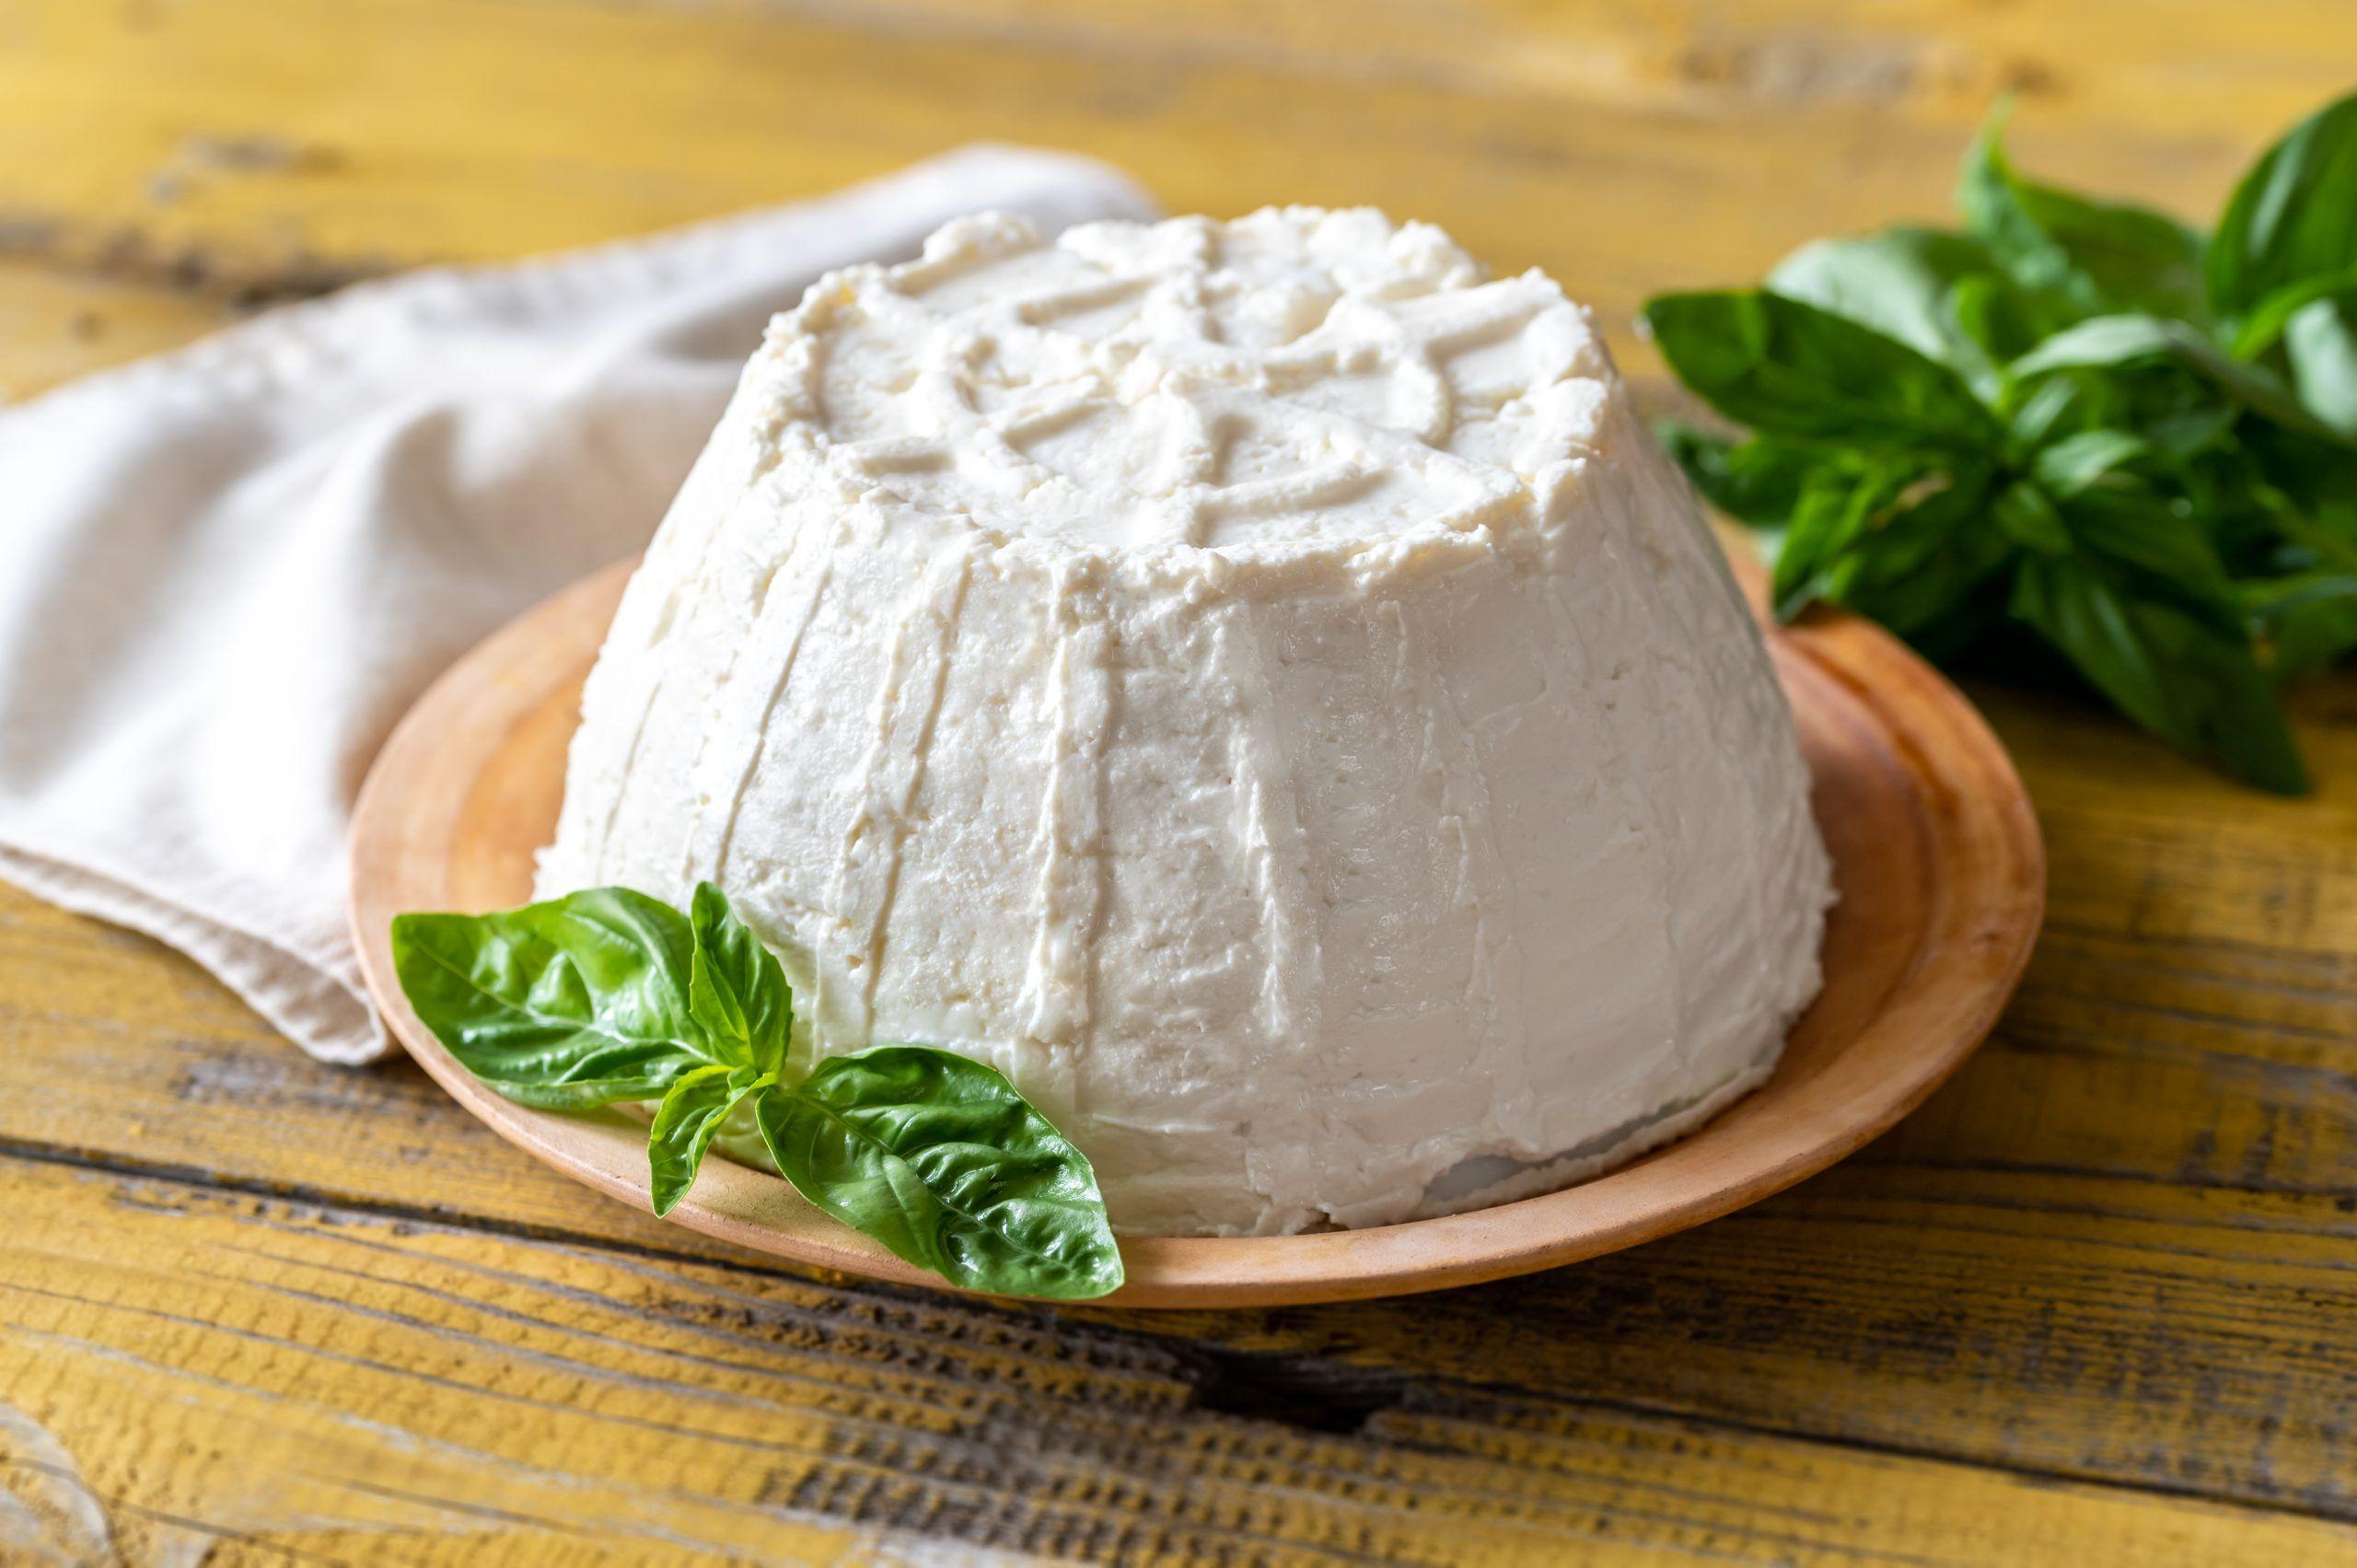 Características nutricionales y beneficios del queso Ricotta